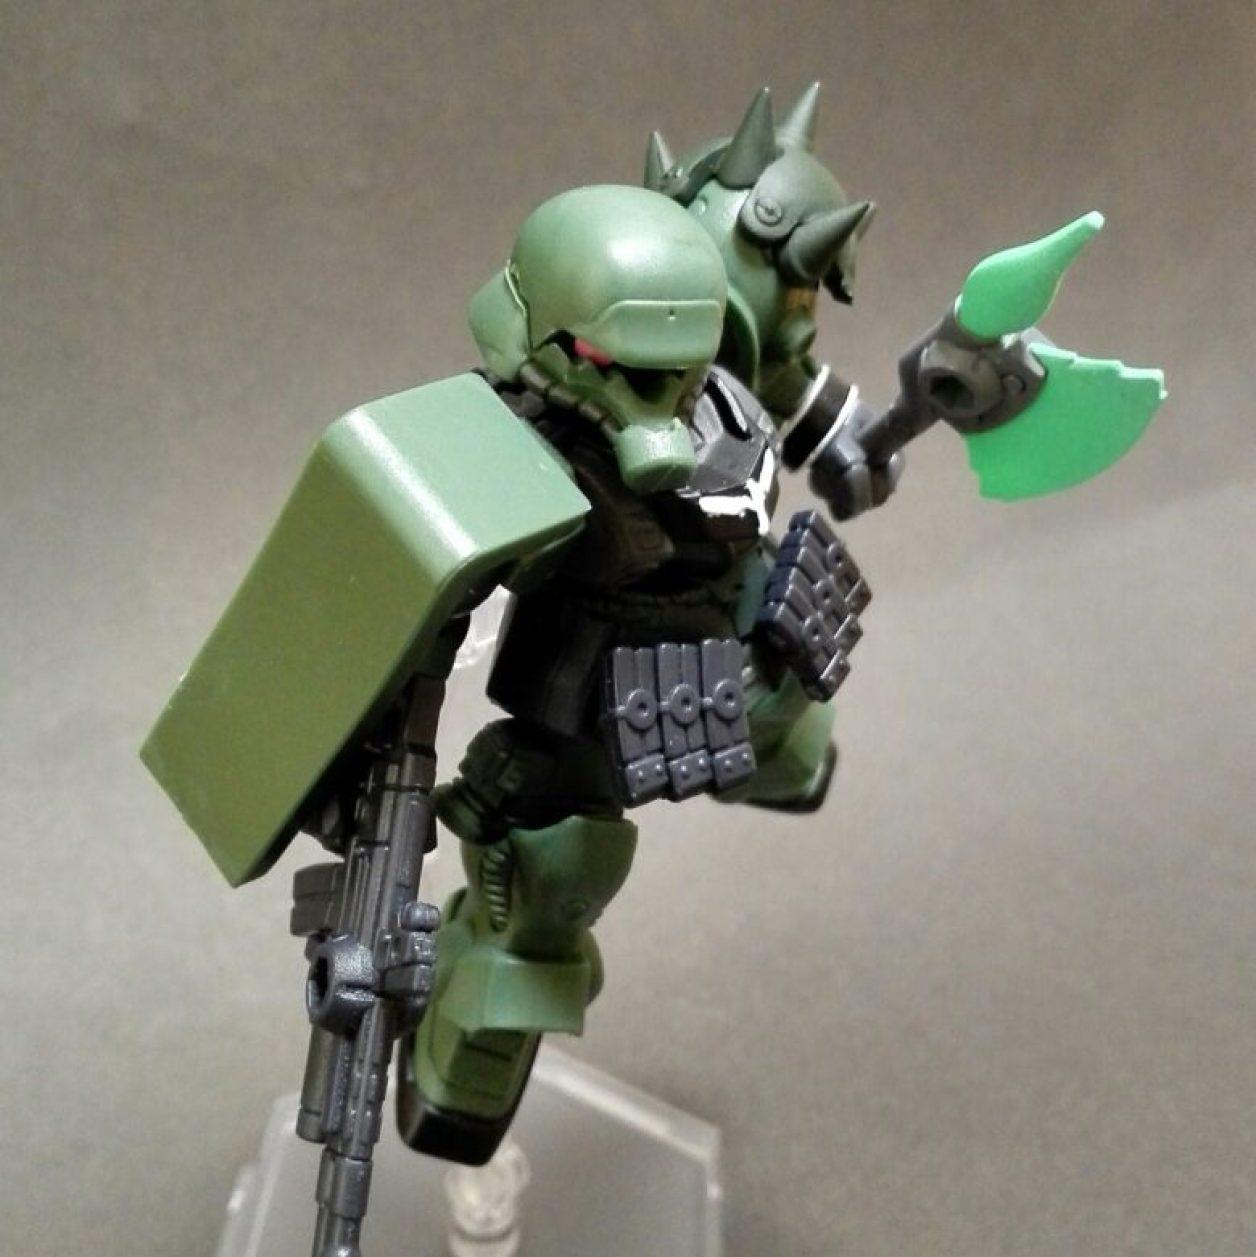 MOBILE SUIT ENSEMBLE(モビルスーツアンサンブル)第10弾のギラ・ズールにMS武器セットからショルダー・アーマーとマガジンとビーム・ホークを装備させてポージングさせた画像